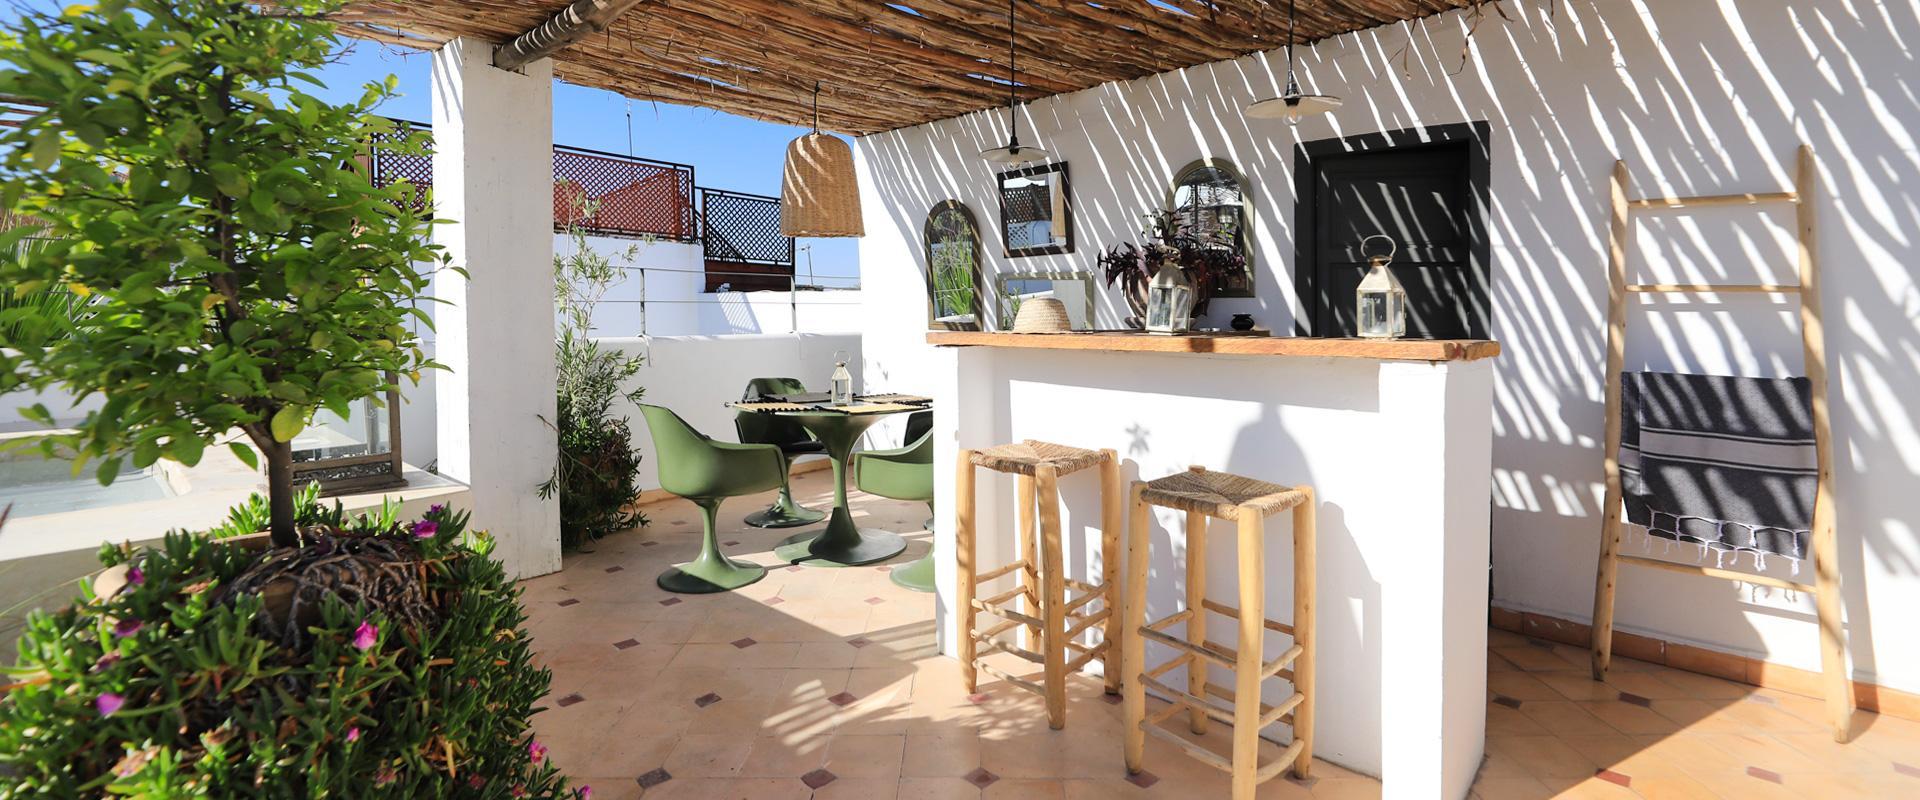 Dar Titrit Marrakech - Site Officiel destiné Riad Marrakech Avec Piscine